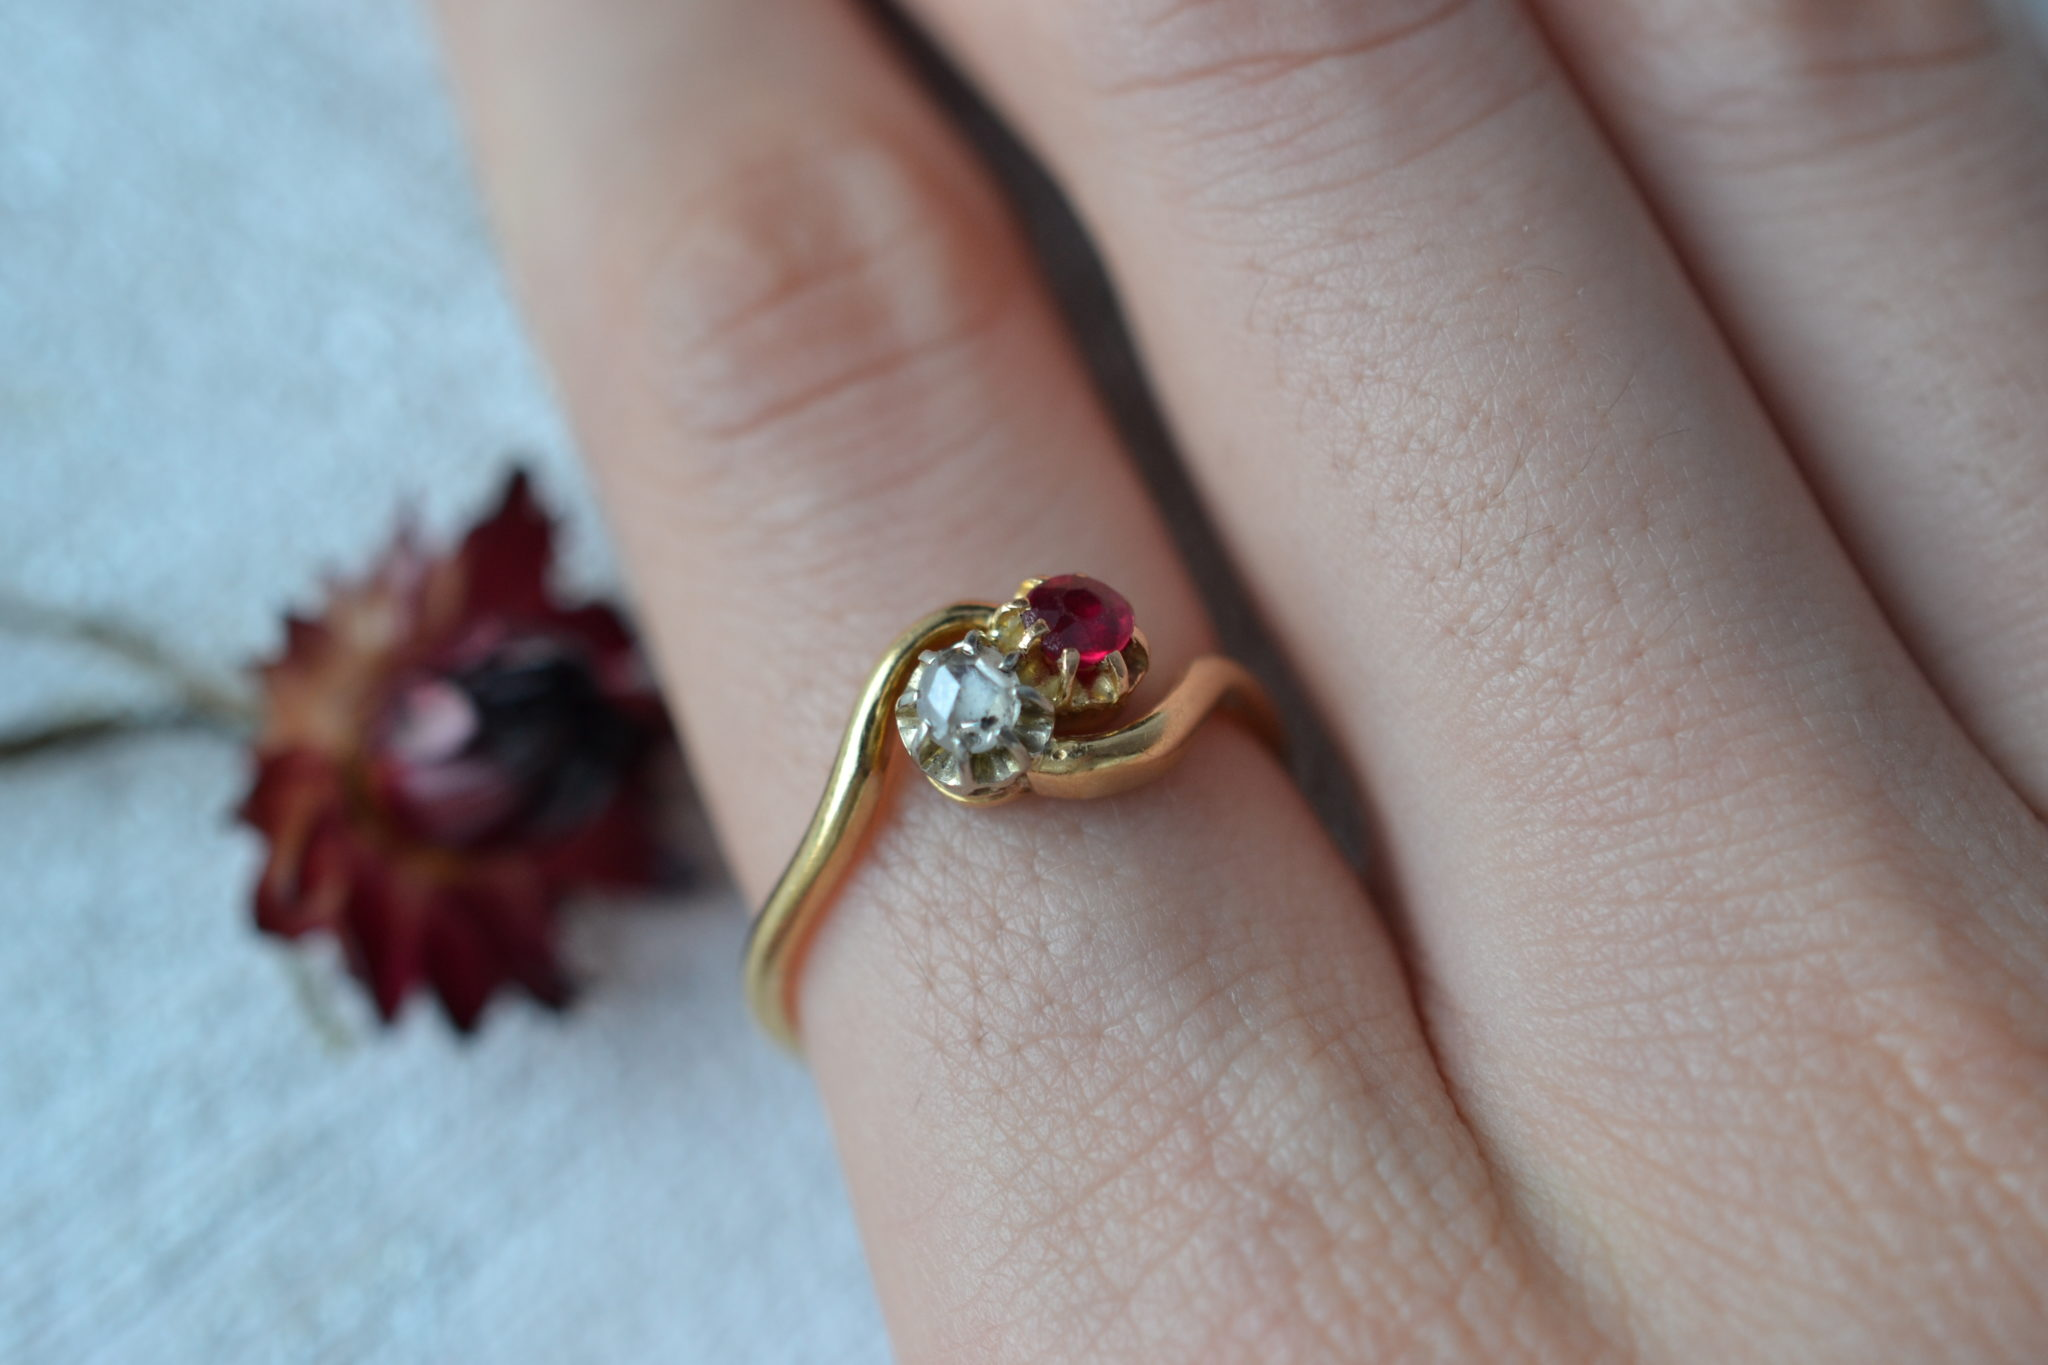 """Bague """"toi et moi"""" en Or jaune sertie d'un diamant de taille rose et d'un corindon de synthèse de couleur rouge - bague rétro"""